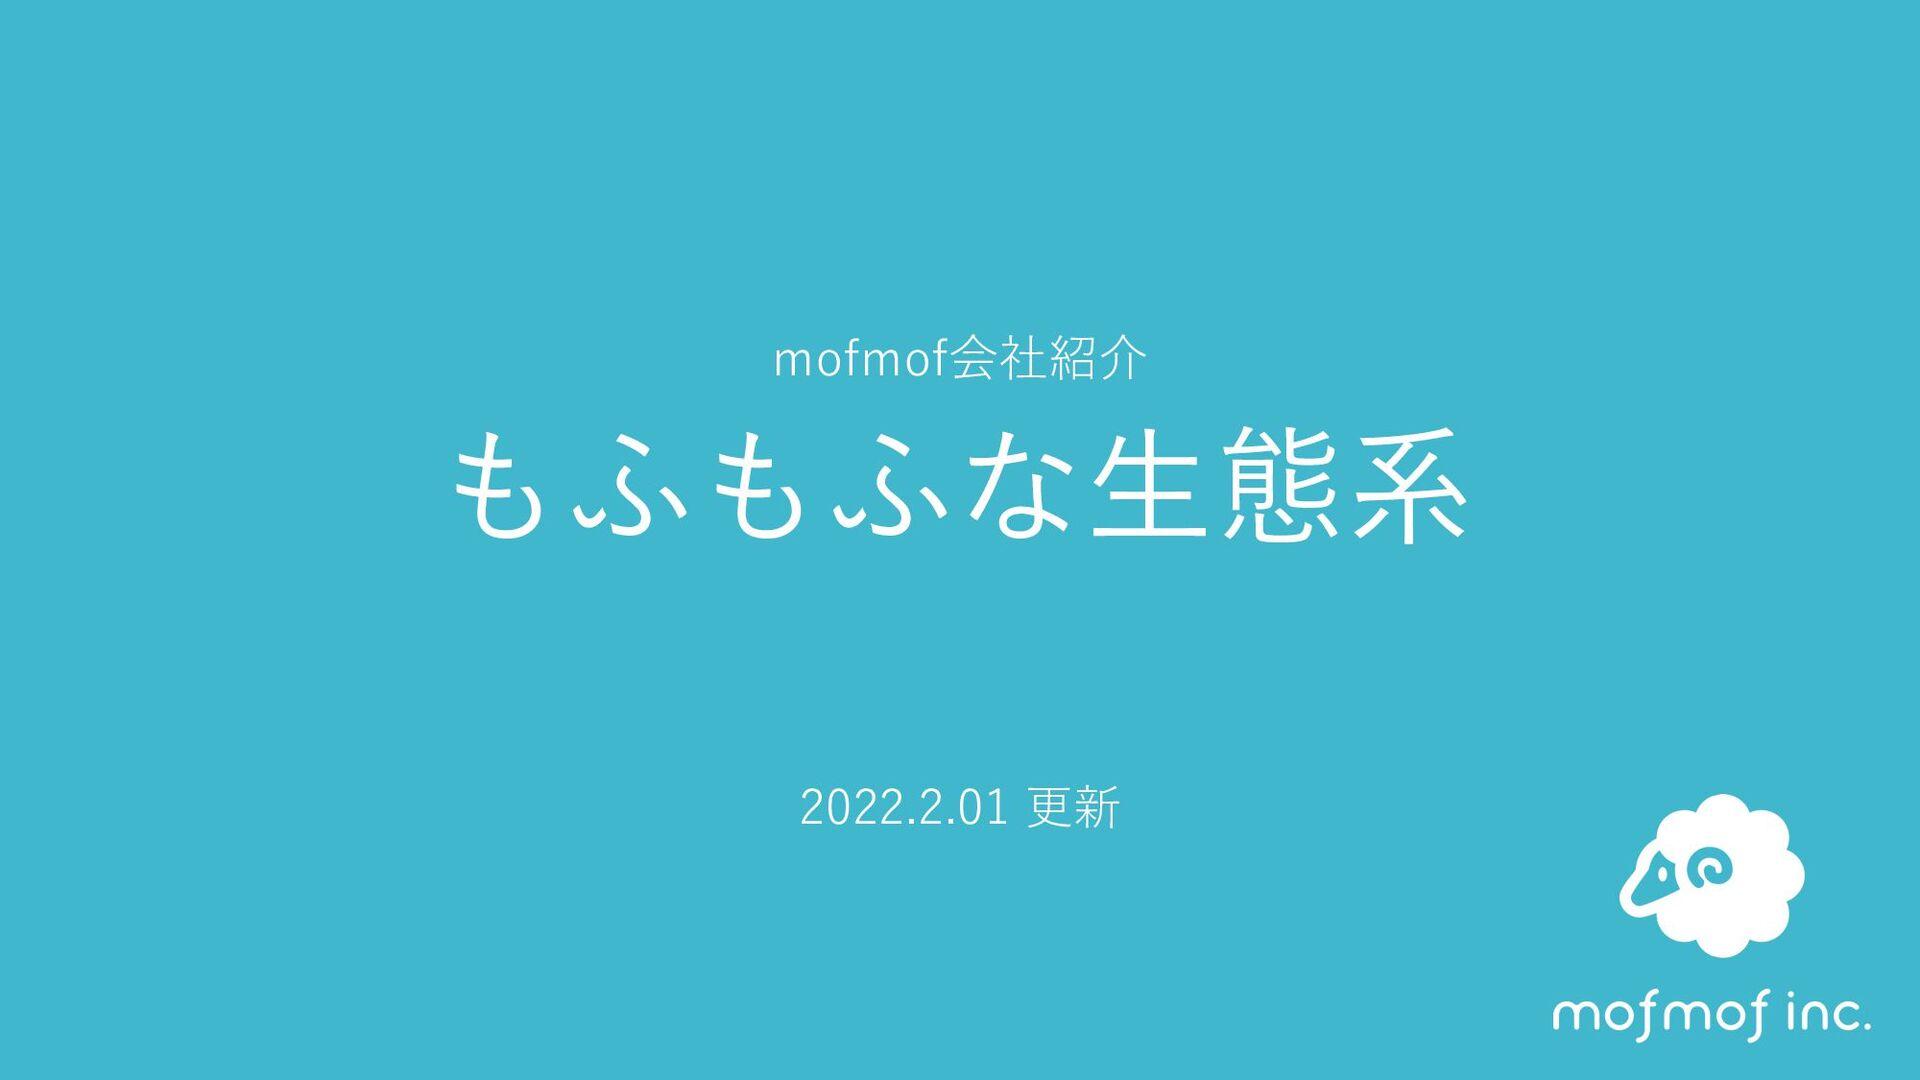 2020.06.16 更新 mofmofの中⾝をのぞいてみよう もふもふな⽣態系(会社紹介)